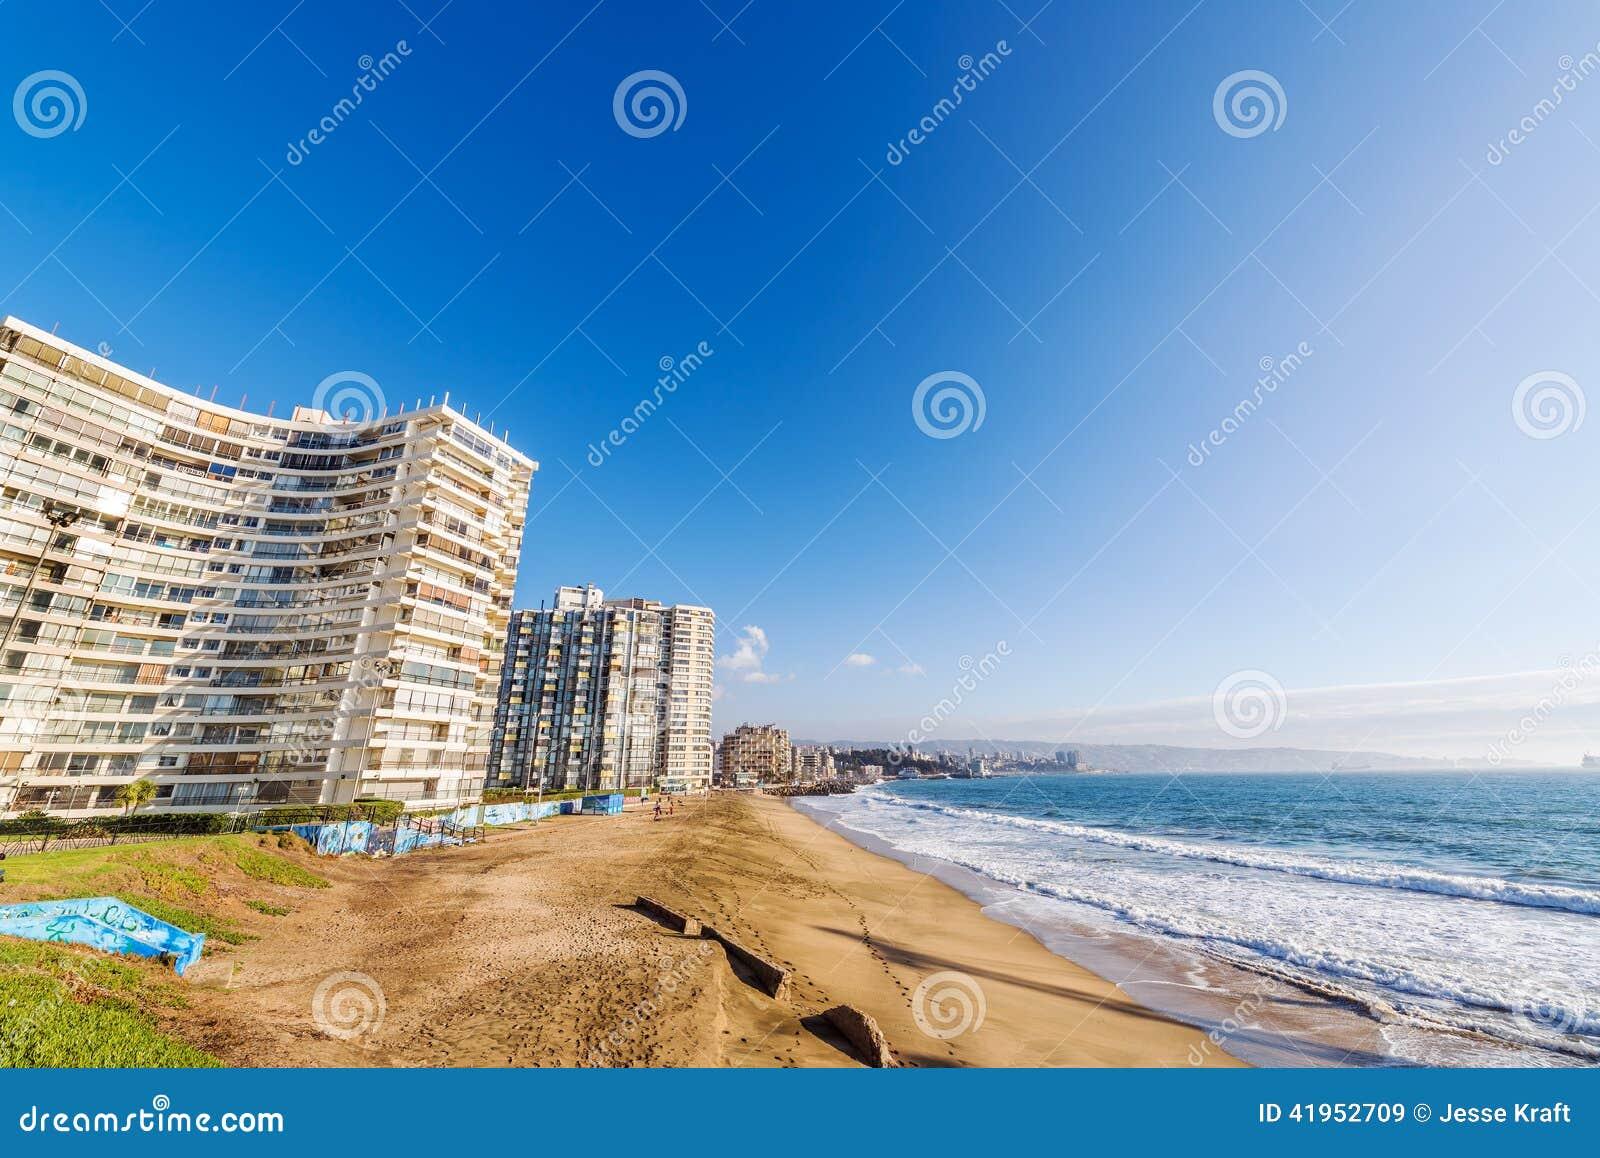 Plaża i budynki mieszkaniowi